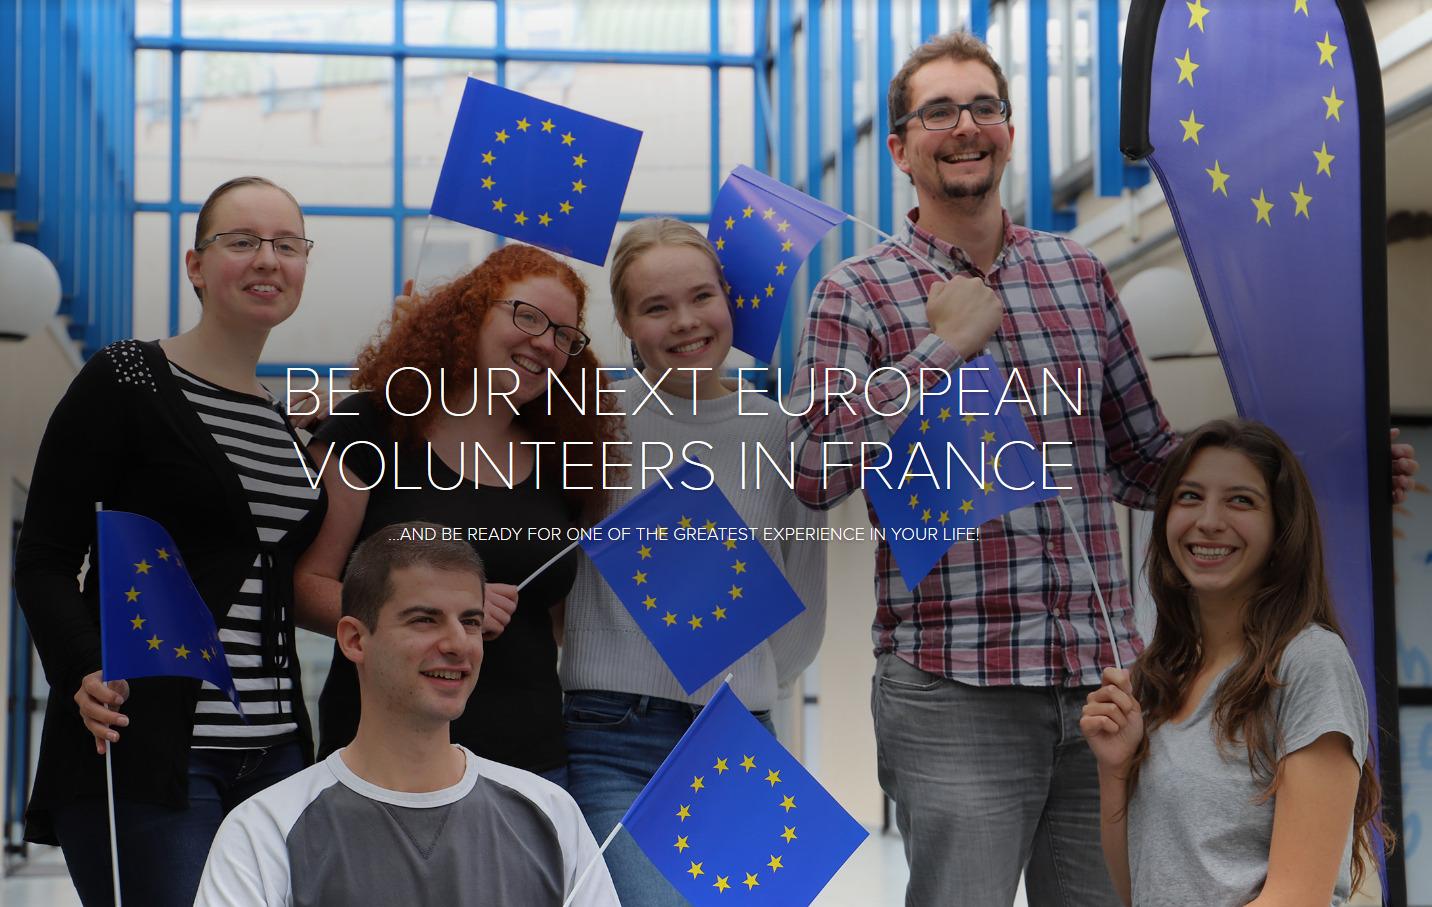 Tko želi volontirati u Francuskoj?